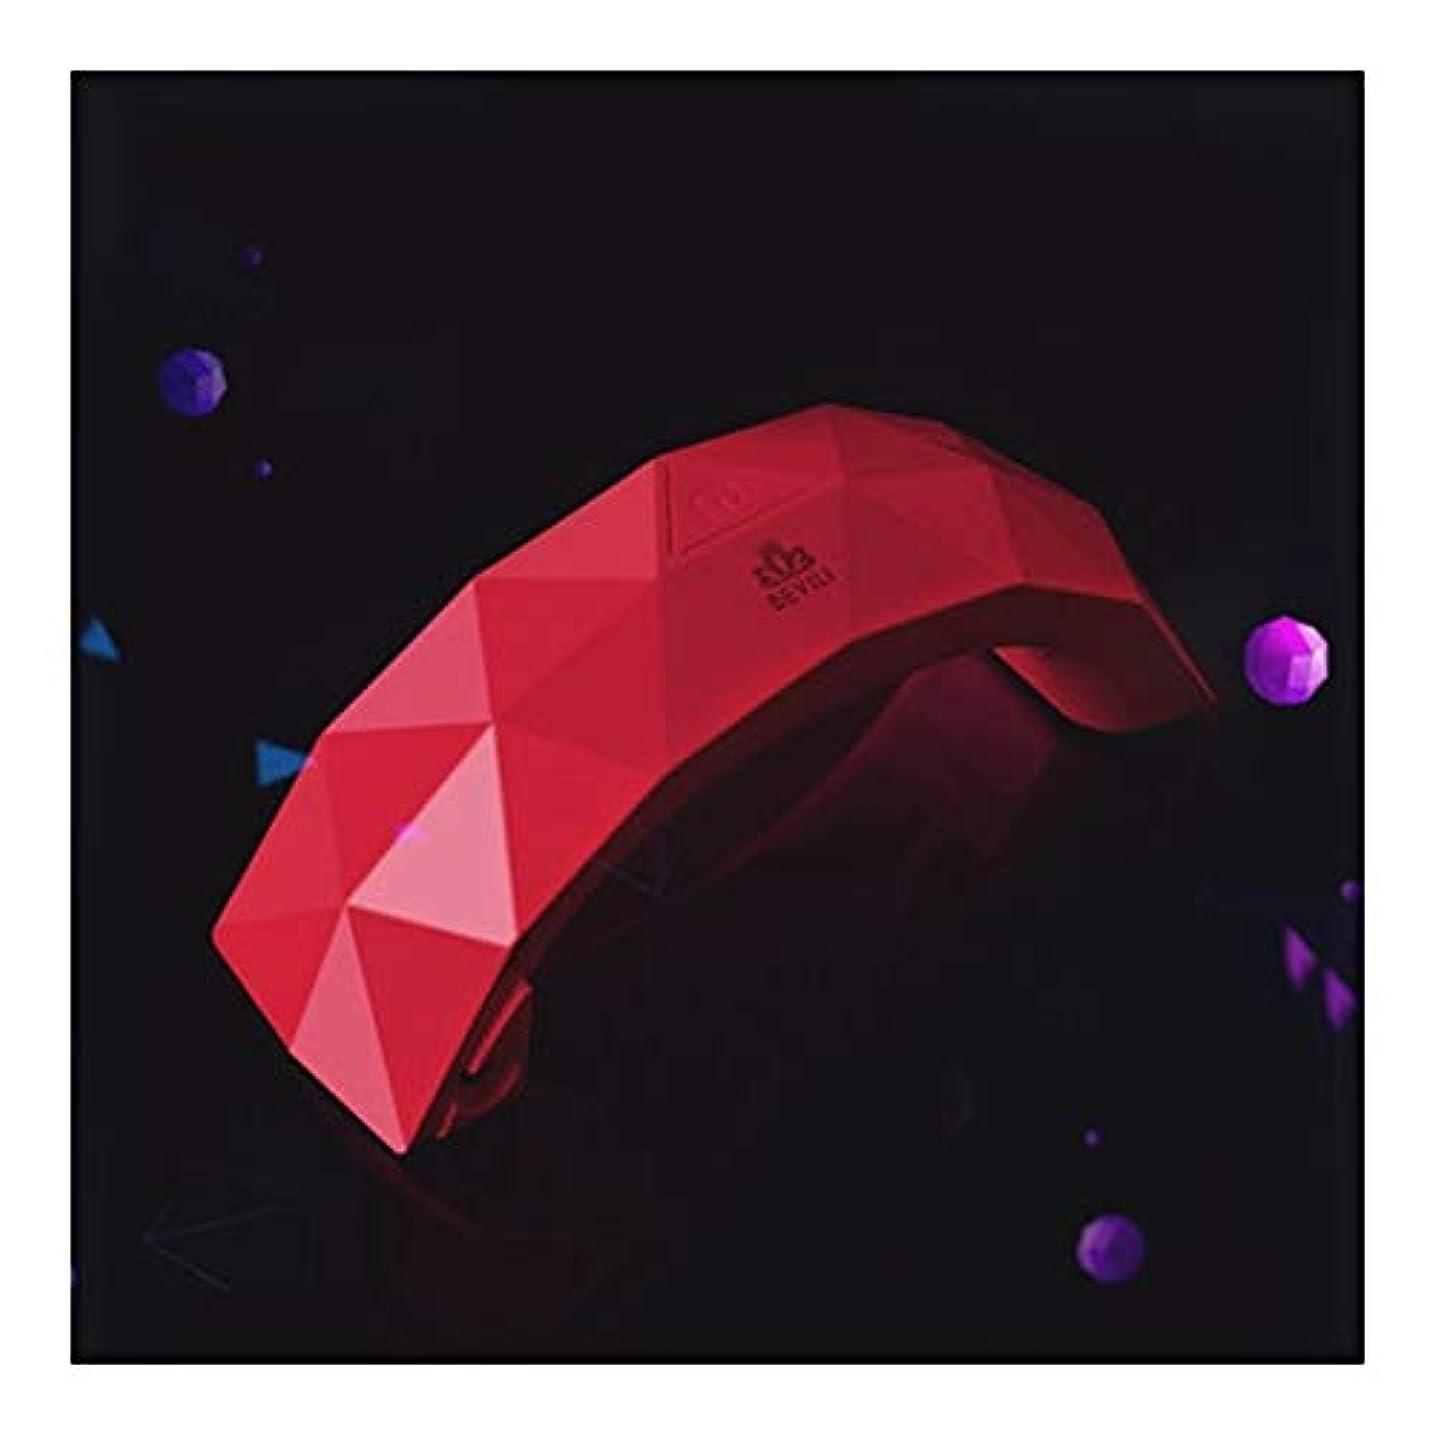 なすラインナップ電極LittleCat ミニLEDレインボーライトセラピーランプジェルネイルポリッシュネイルズネイルドライヤーの熱ランプライト療法機械 (色 : 赤)